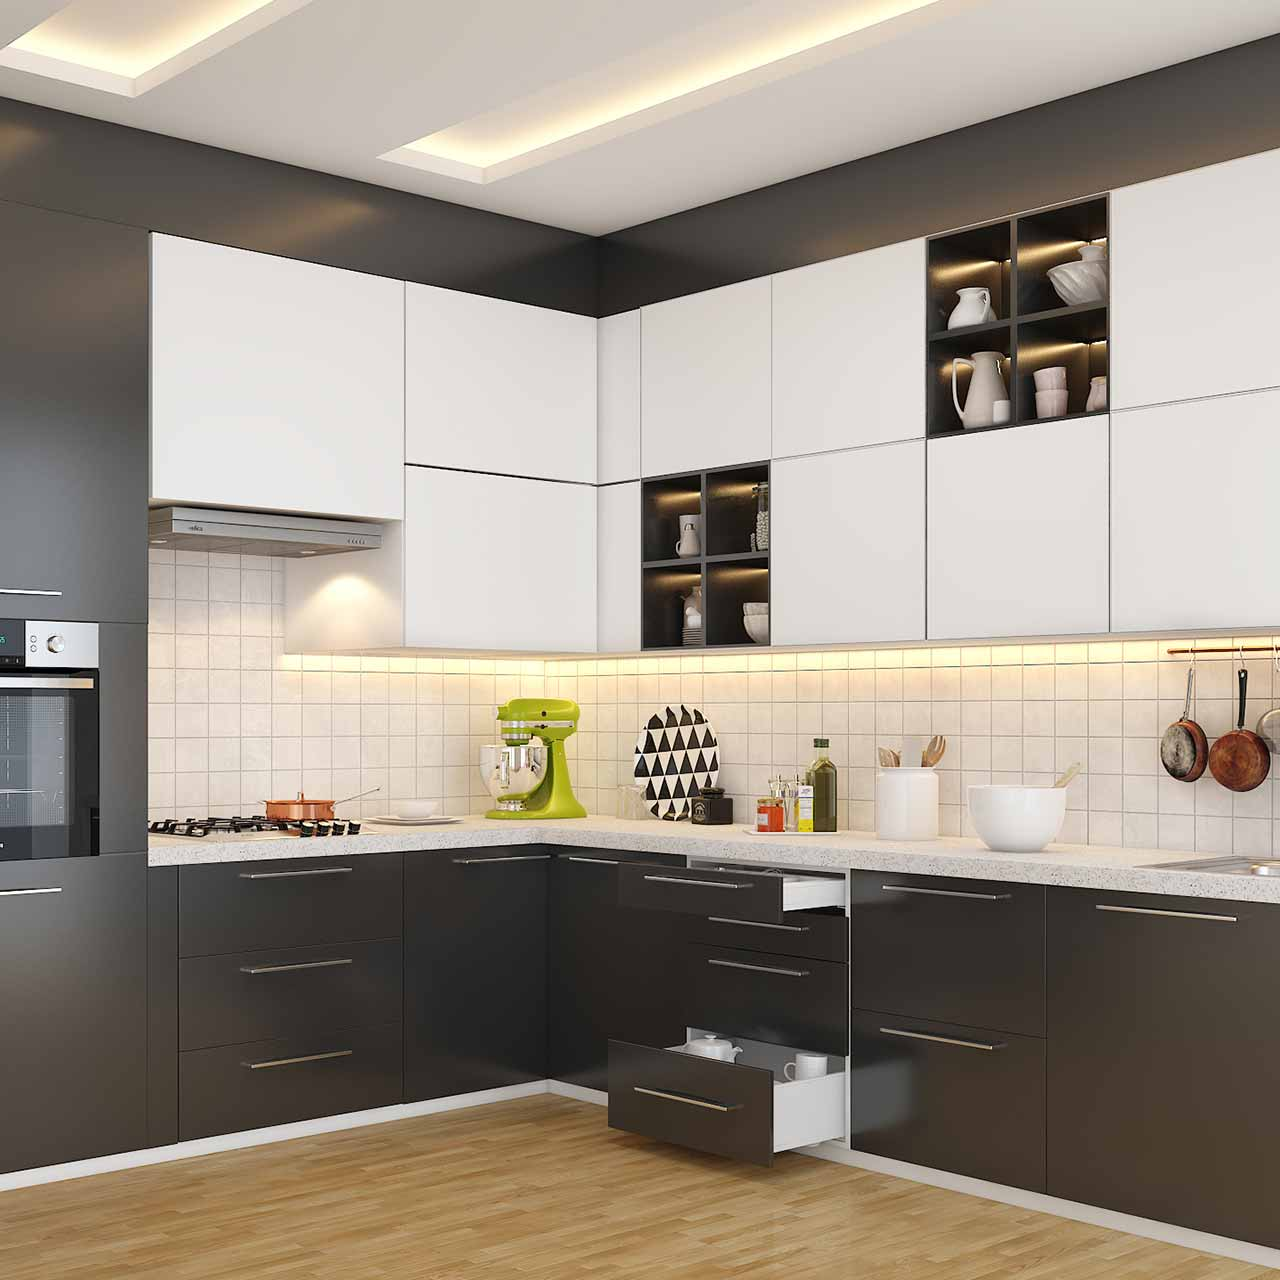 cucina-moderna-come-disporre-i-mobili-16